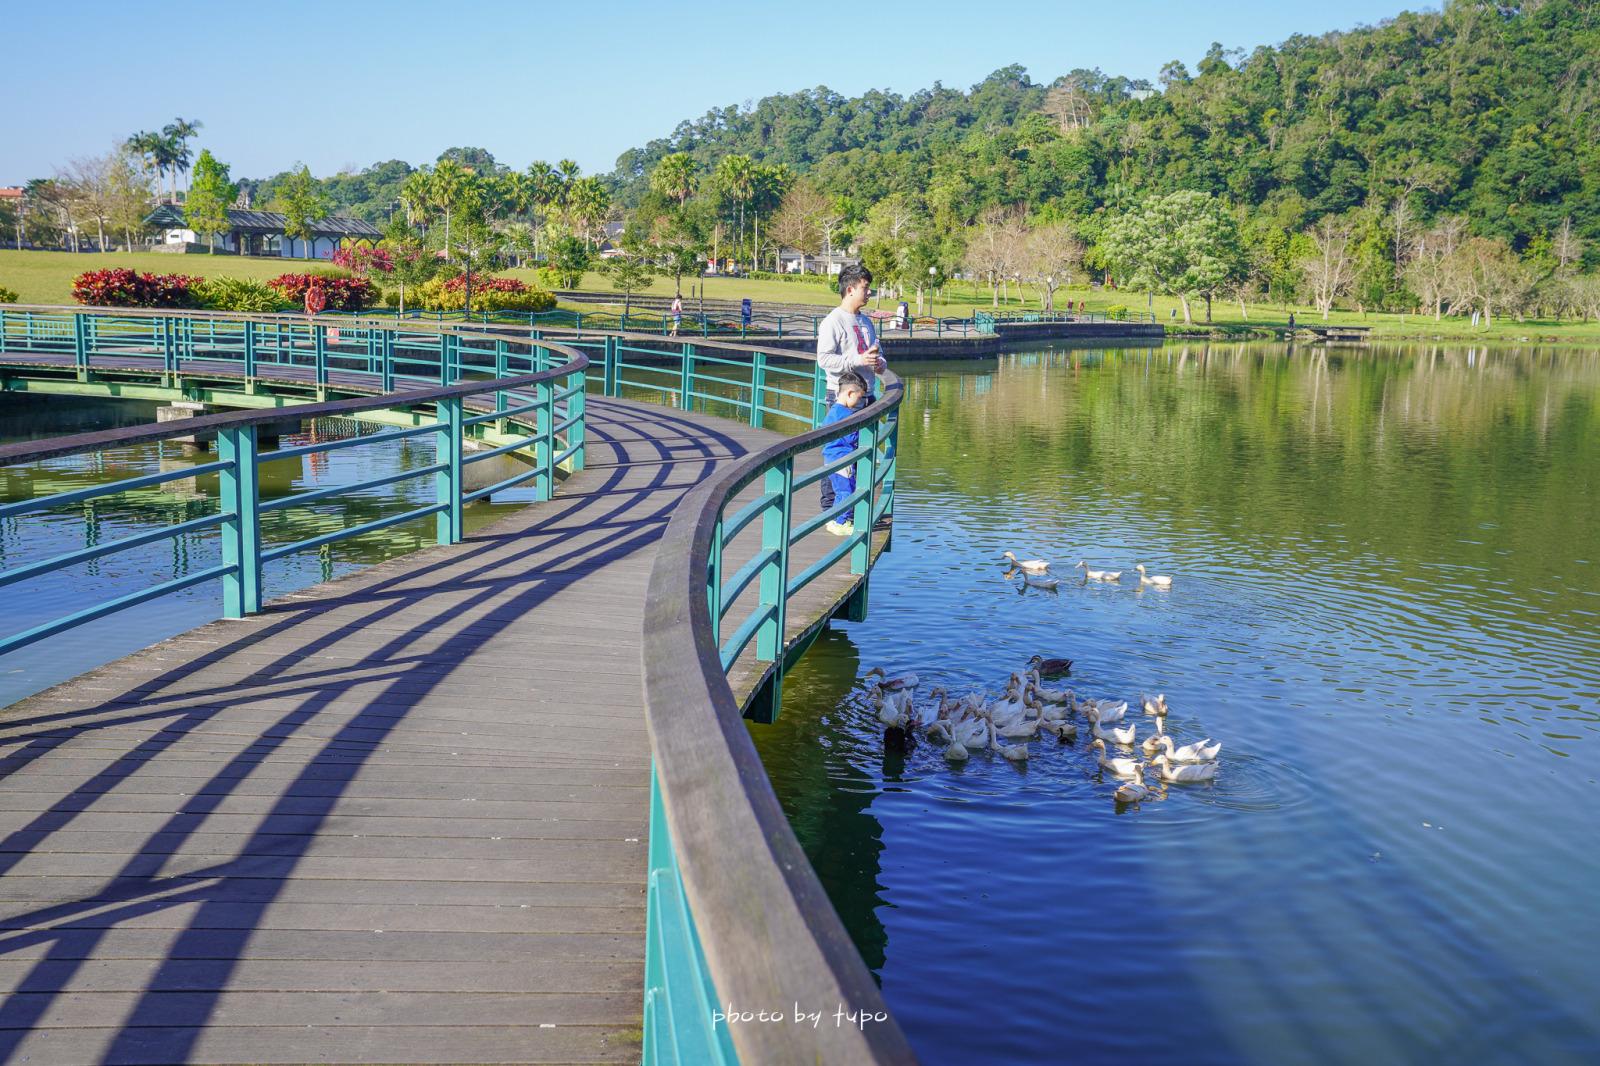 宜蘭礁溪景點》龍潭湖風景區,宜蘭版日月潭~大碗公溜滑梯,浪漫S型湖中步道,可以餵鴨鴨和餵魚,適合騎車漫遊